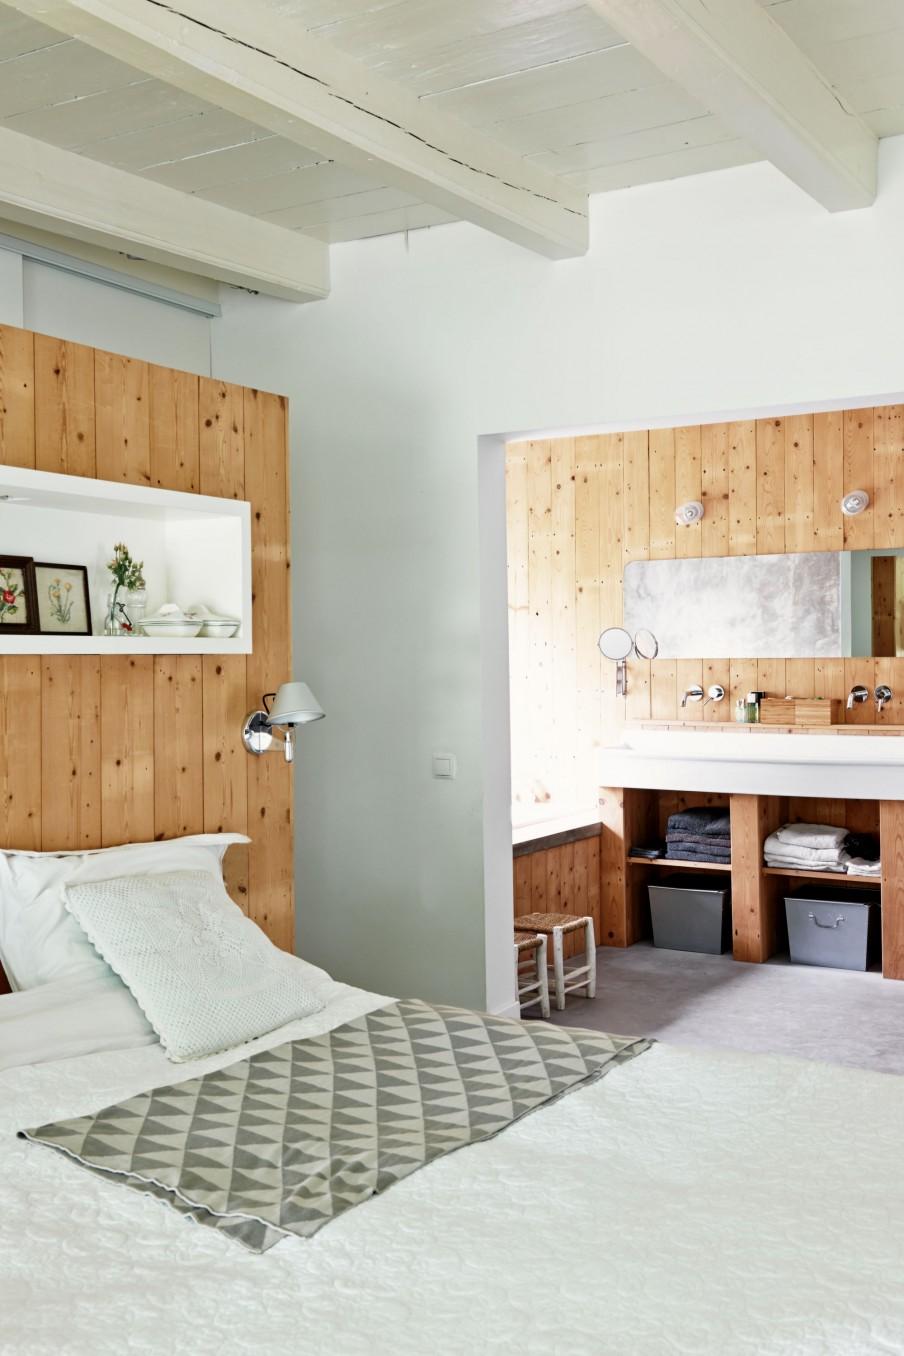 Ikea Utrecht Badkamer ~ Home ? Badkamer inspiratie ? Badkamer van verbouwde stadsboerderij